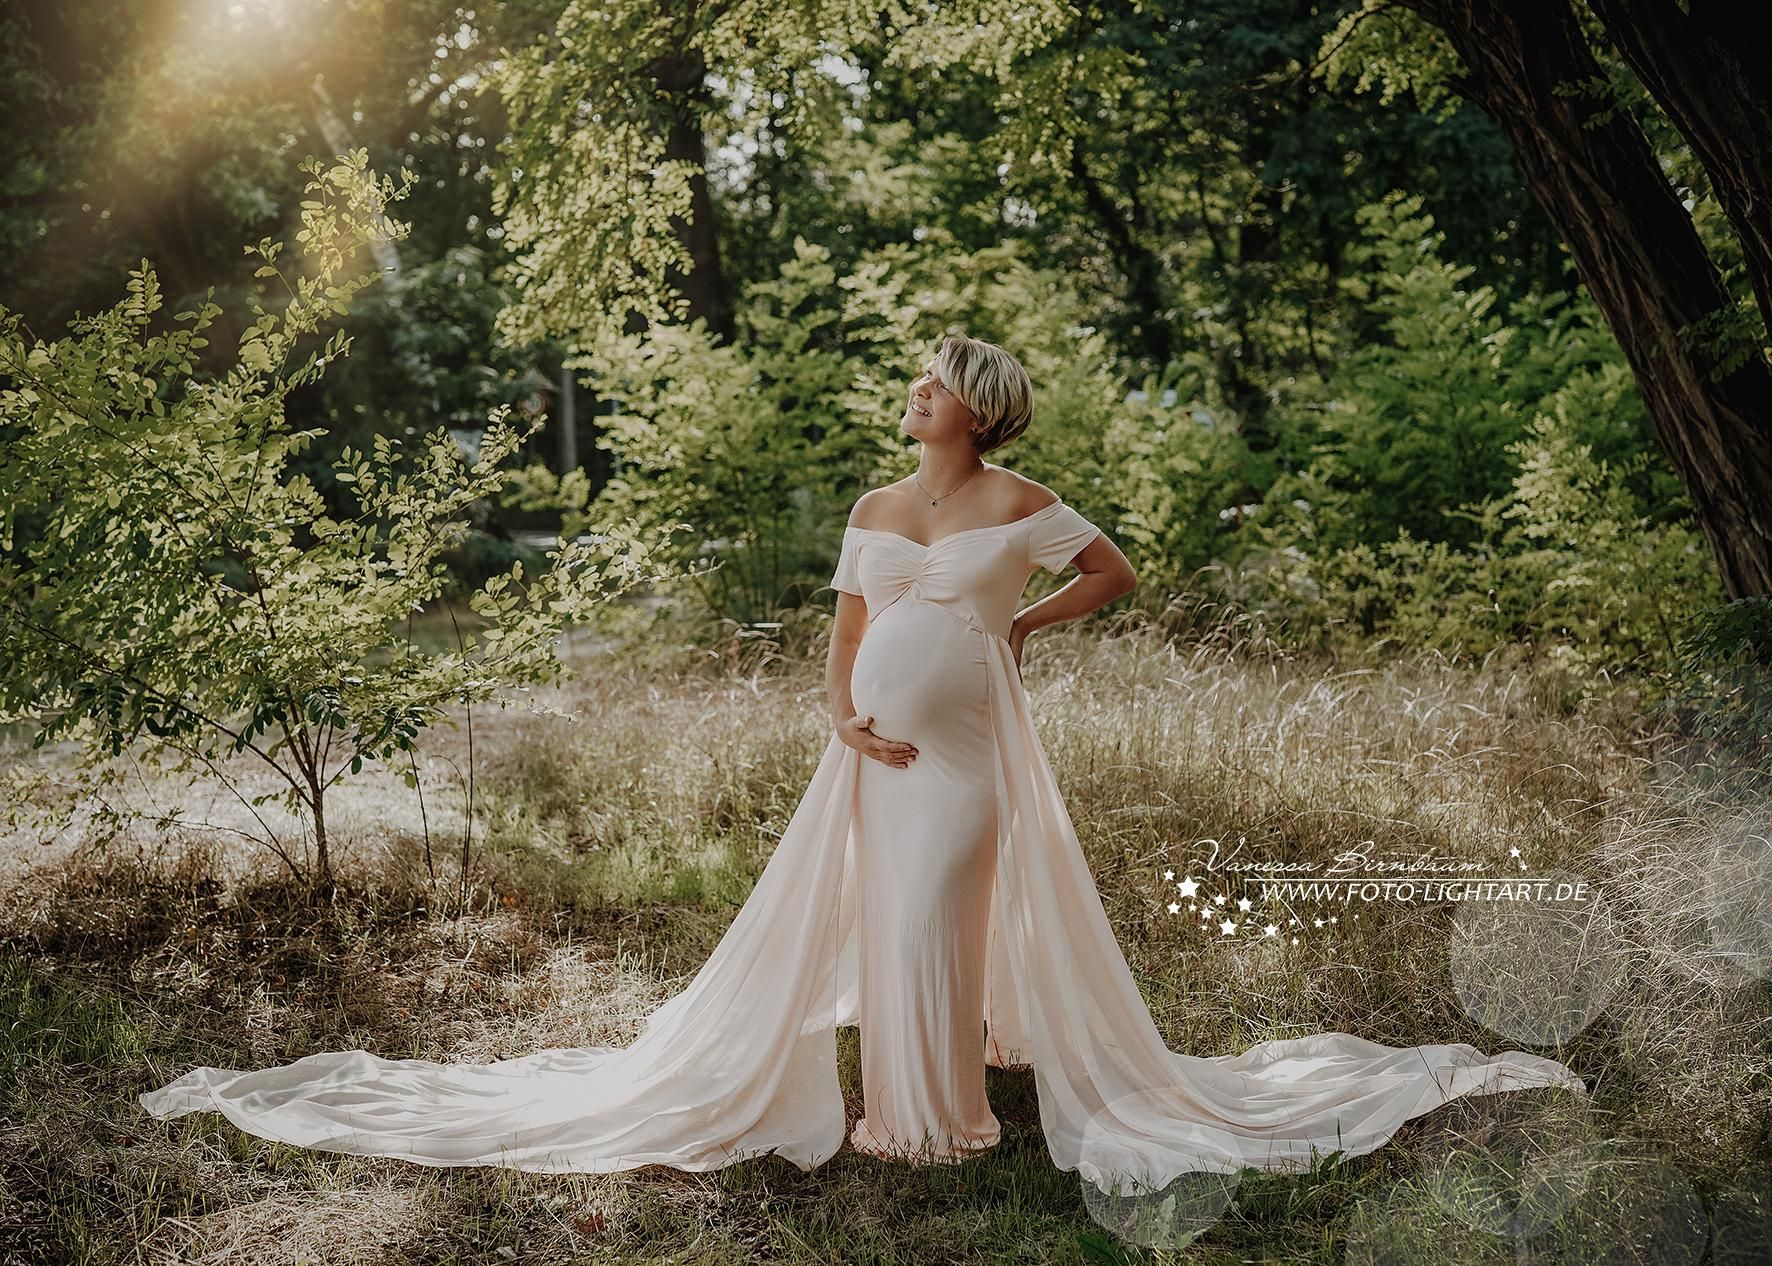 Vanessa Birnbaum - FotoLightart Babybauch 3